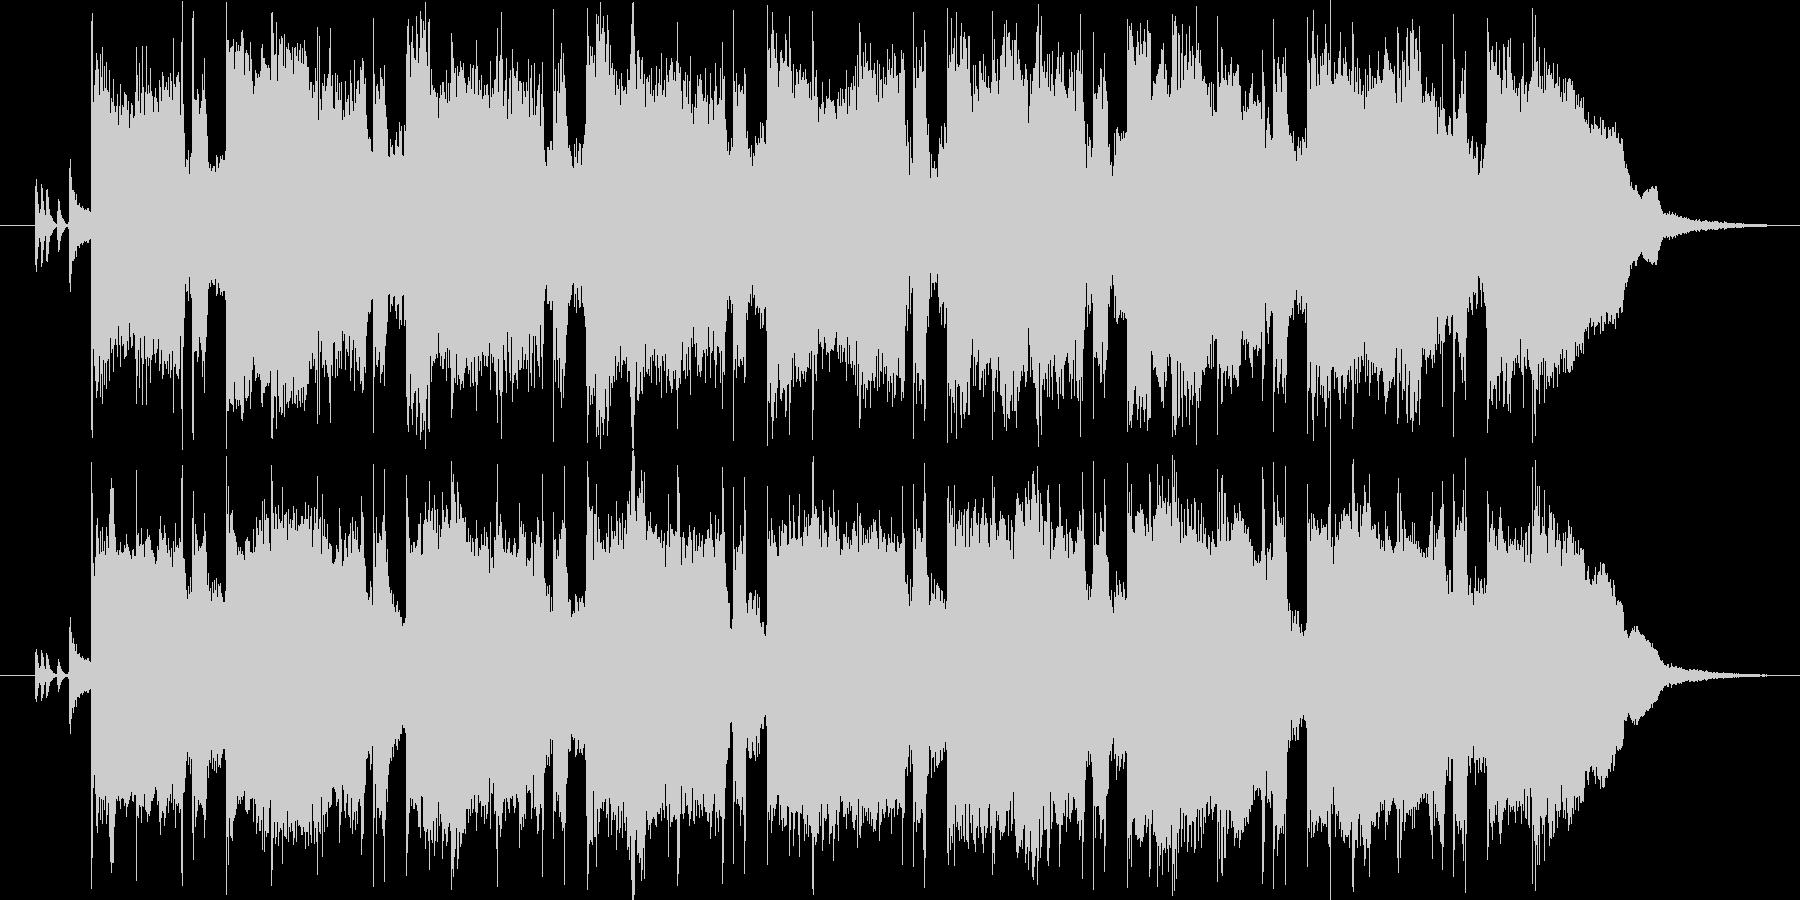 レクイエムをイメージした静かな曲の未再生の波形